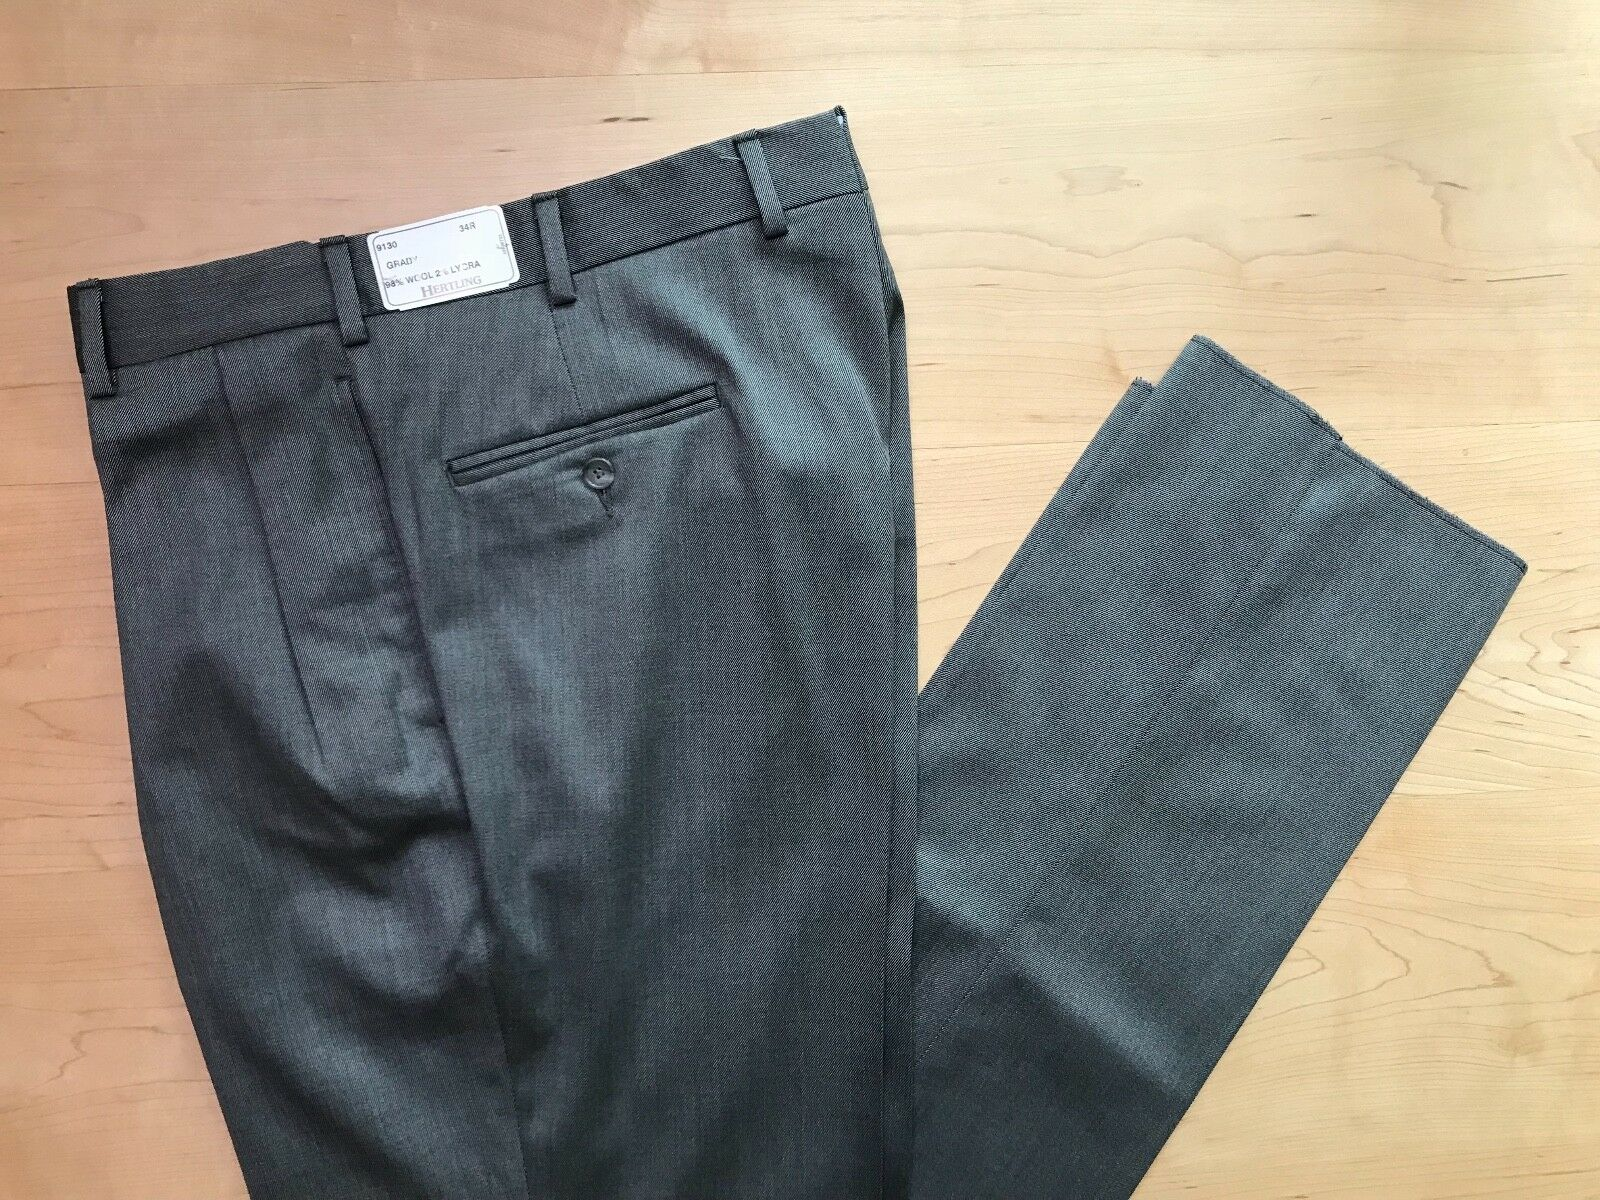 Hertling Trouser. 98% Wool 2% Lycra   Grady Fit   Size 34   9130. NEW.